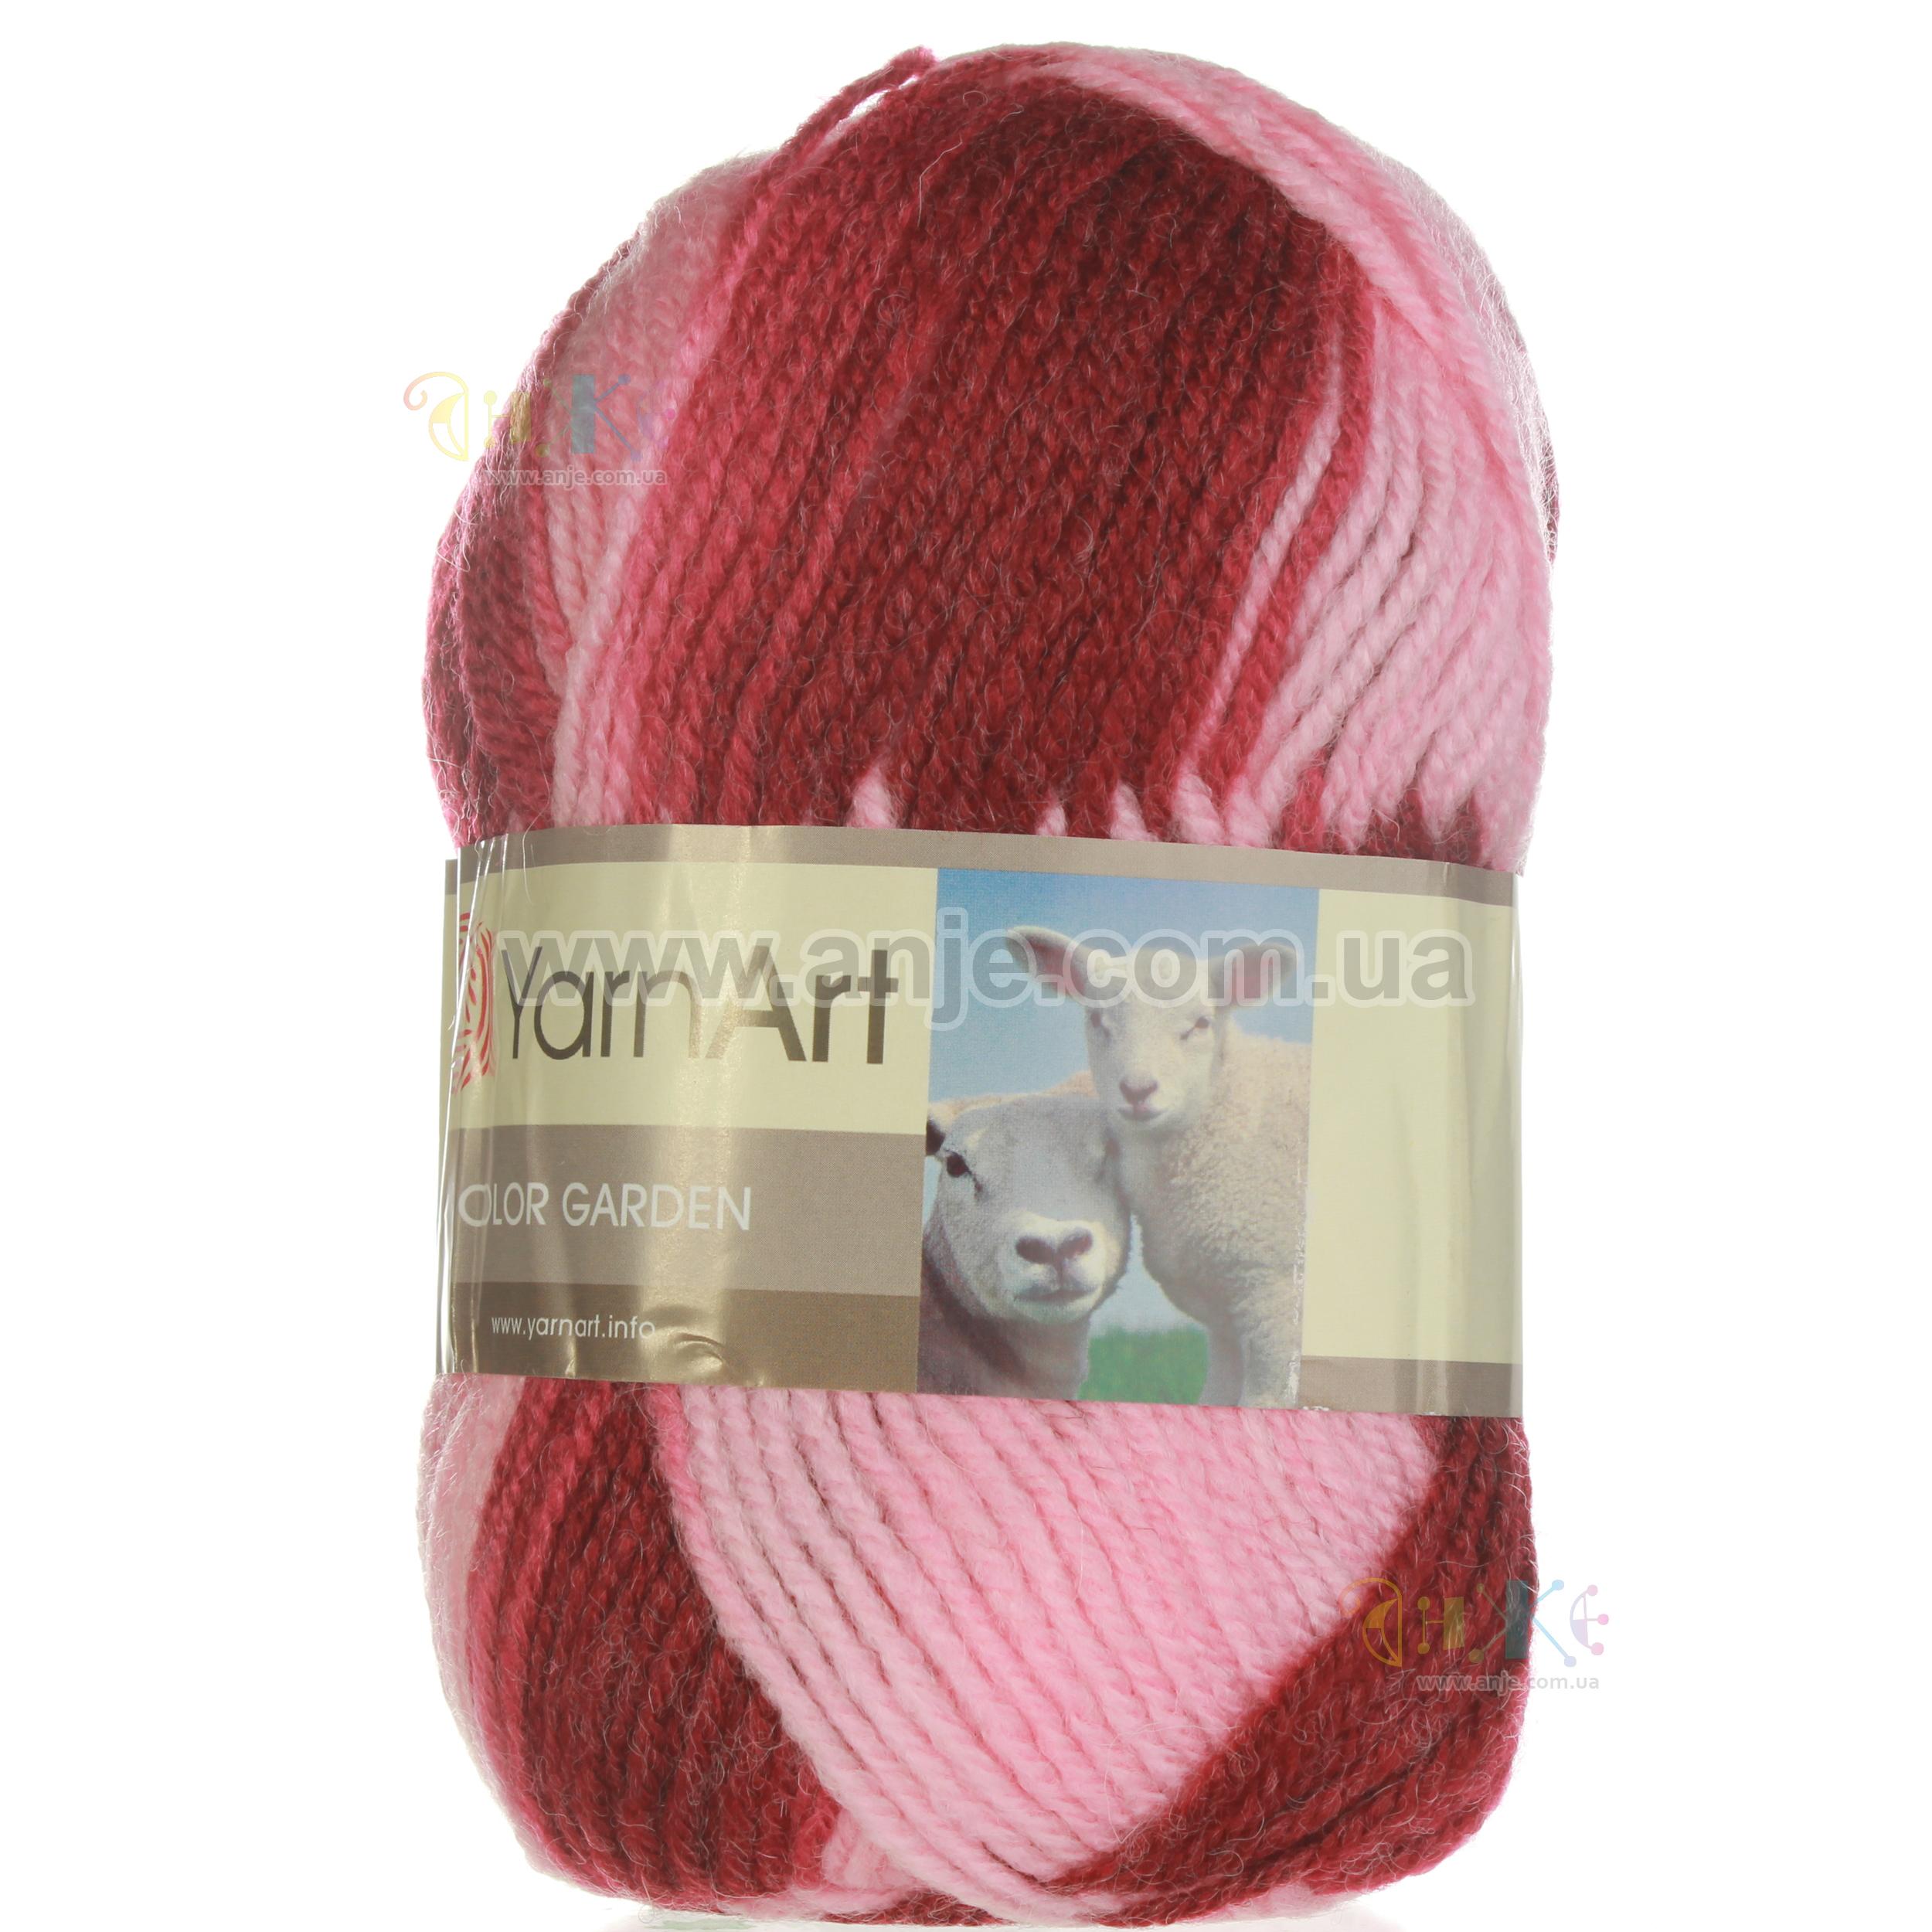 yarn art color garden :  Yarnart Color Garden